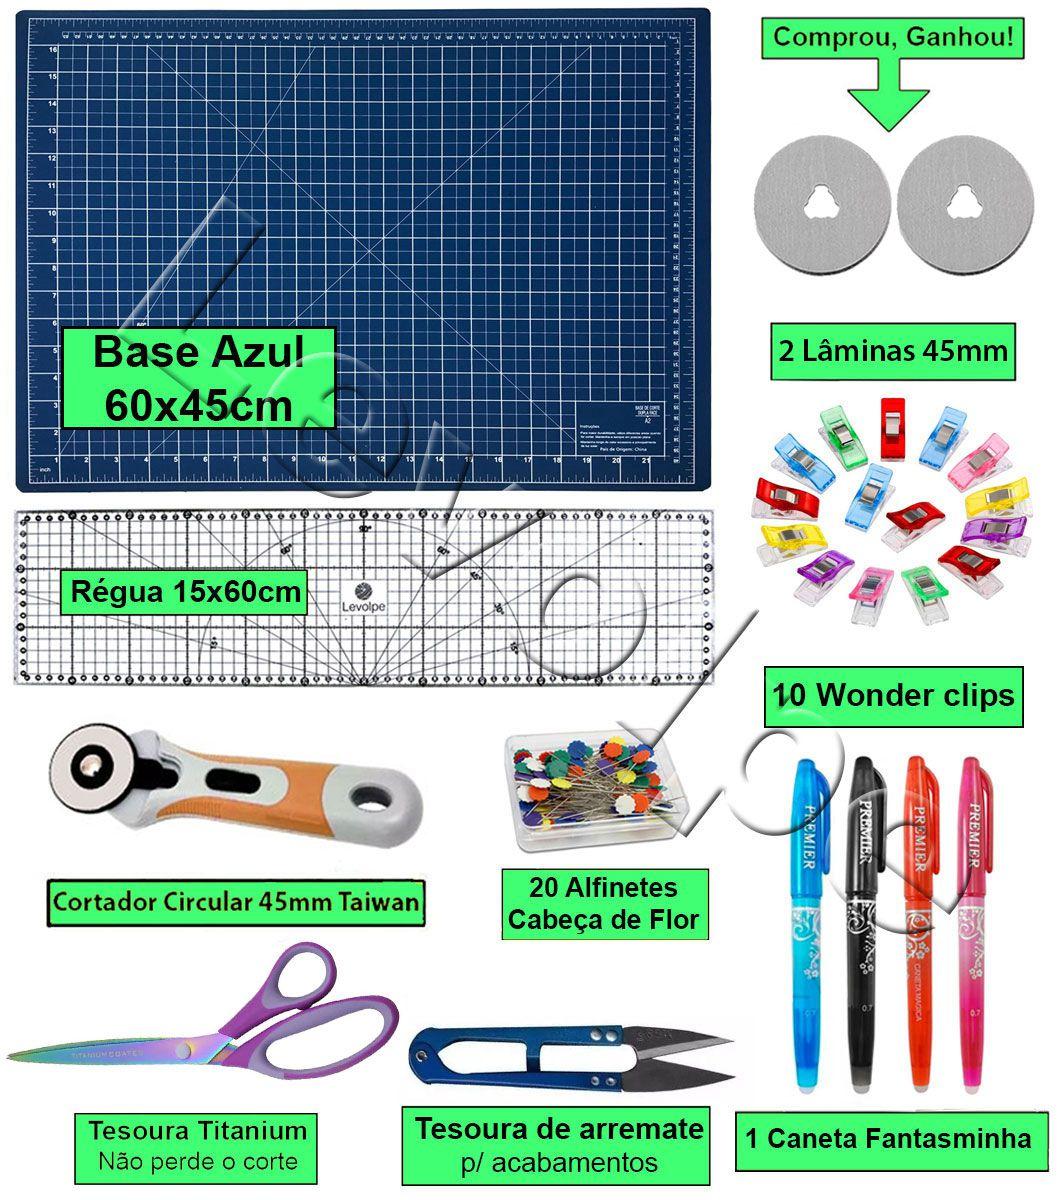 Kit Base De Corte Azul 60x45 + Régua 15x60 + Tesouras + Mini Clips